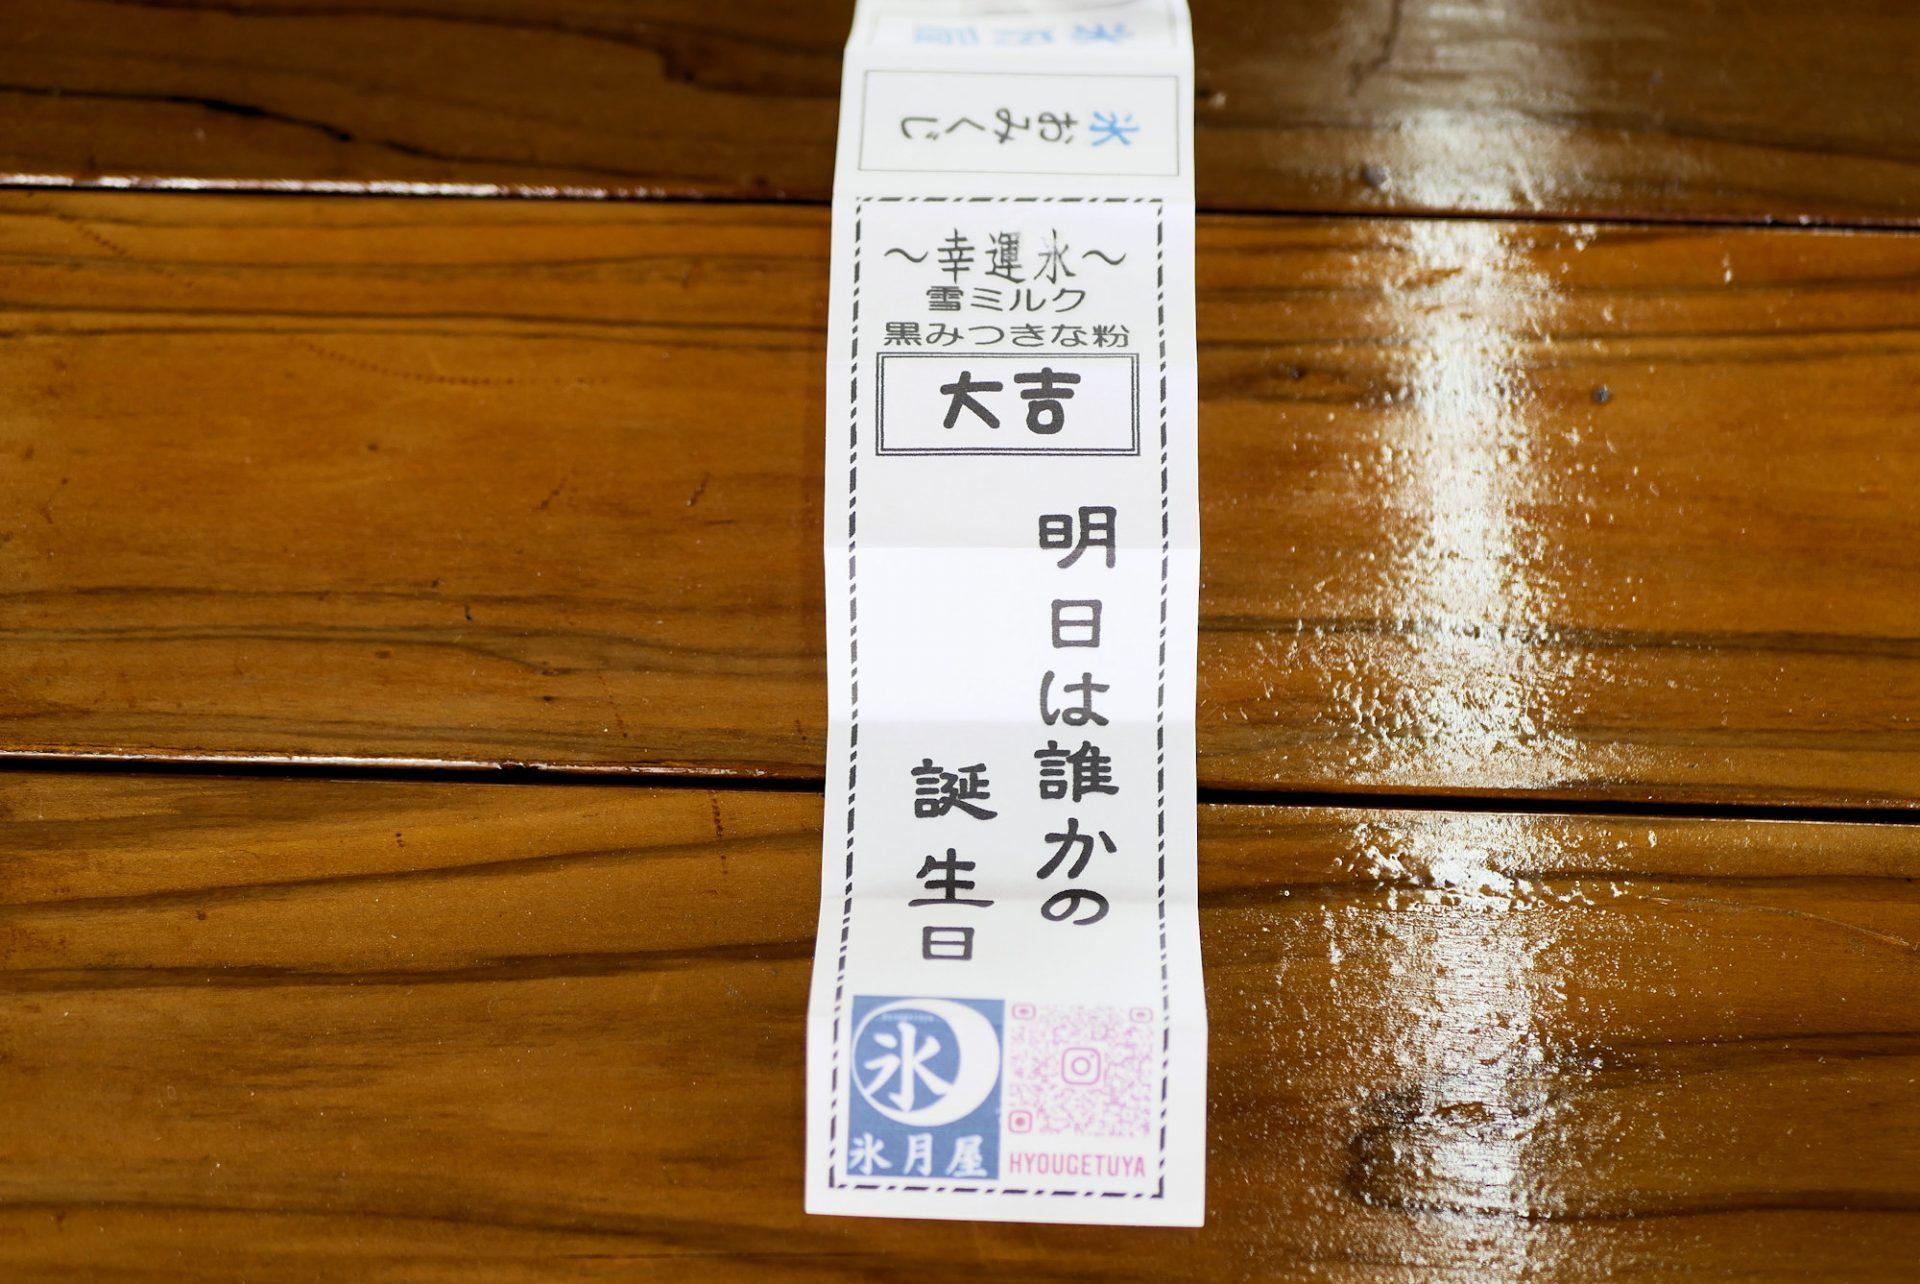 おみくじ 中城村 氷月屋 かき氷 沖縄 グルメ スイーツ